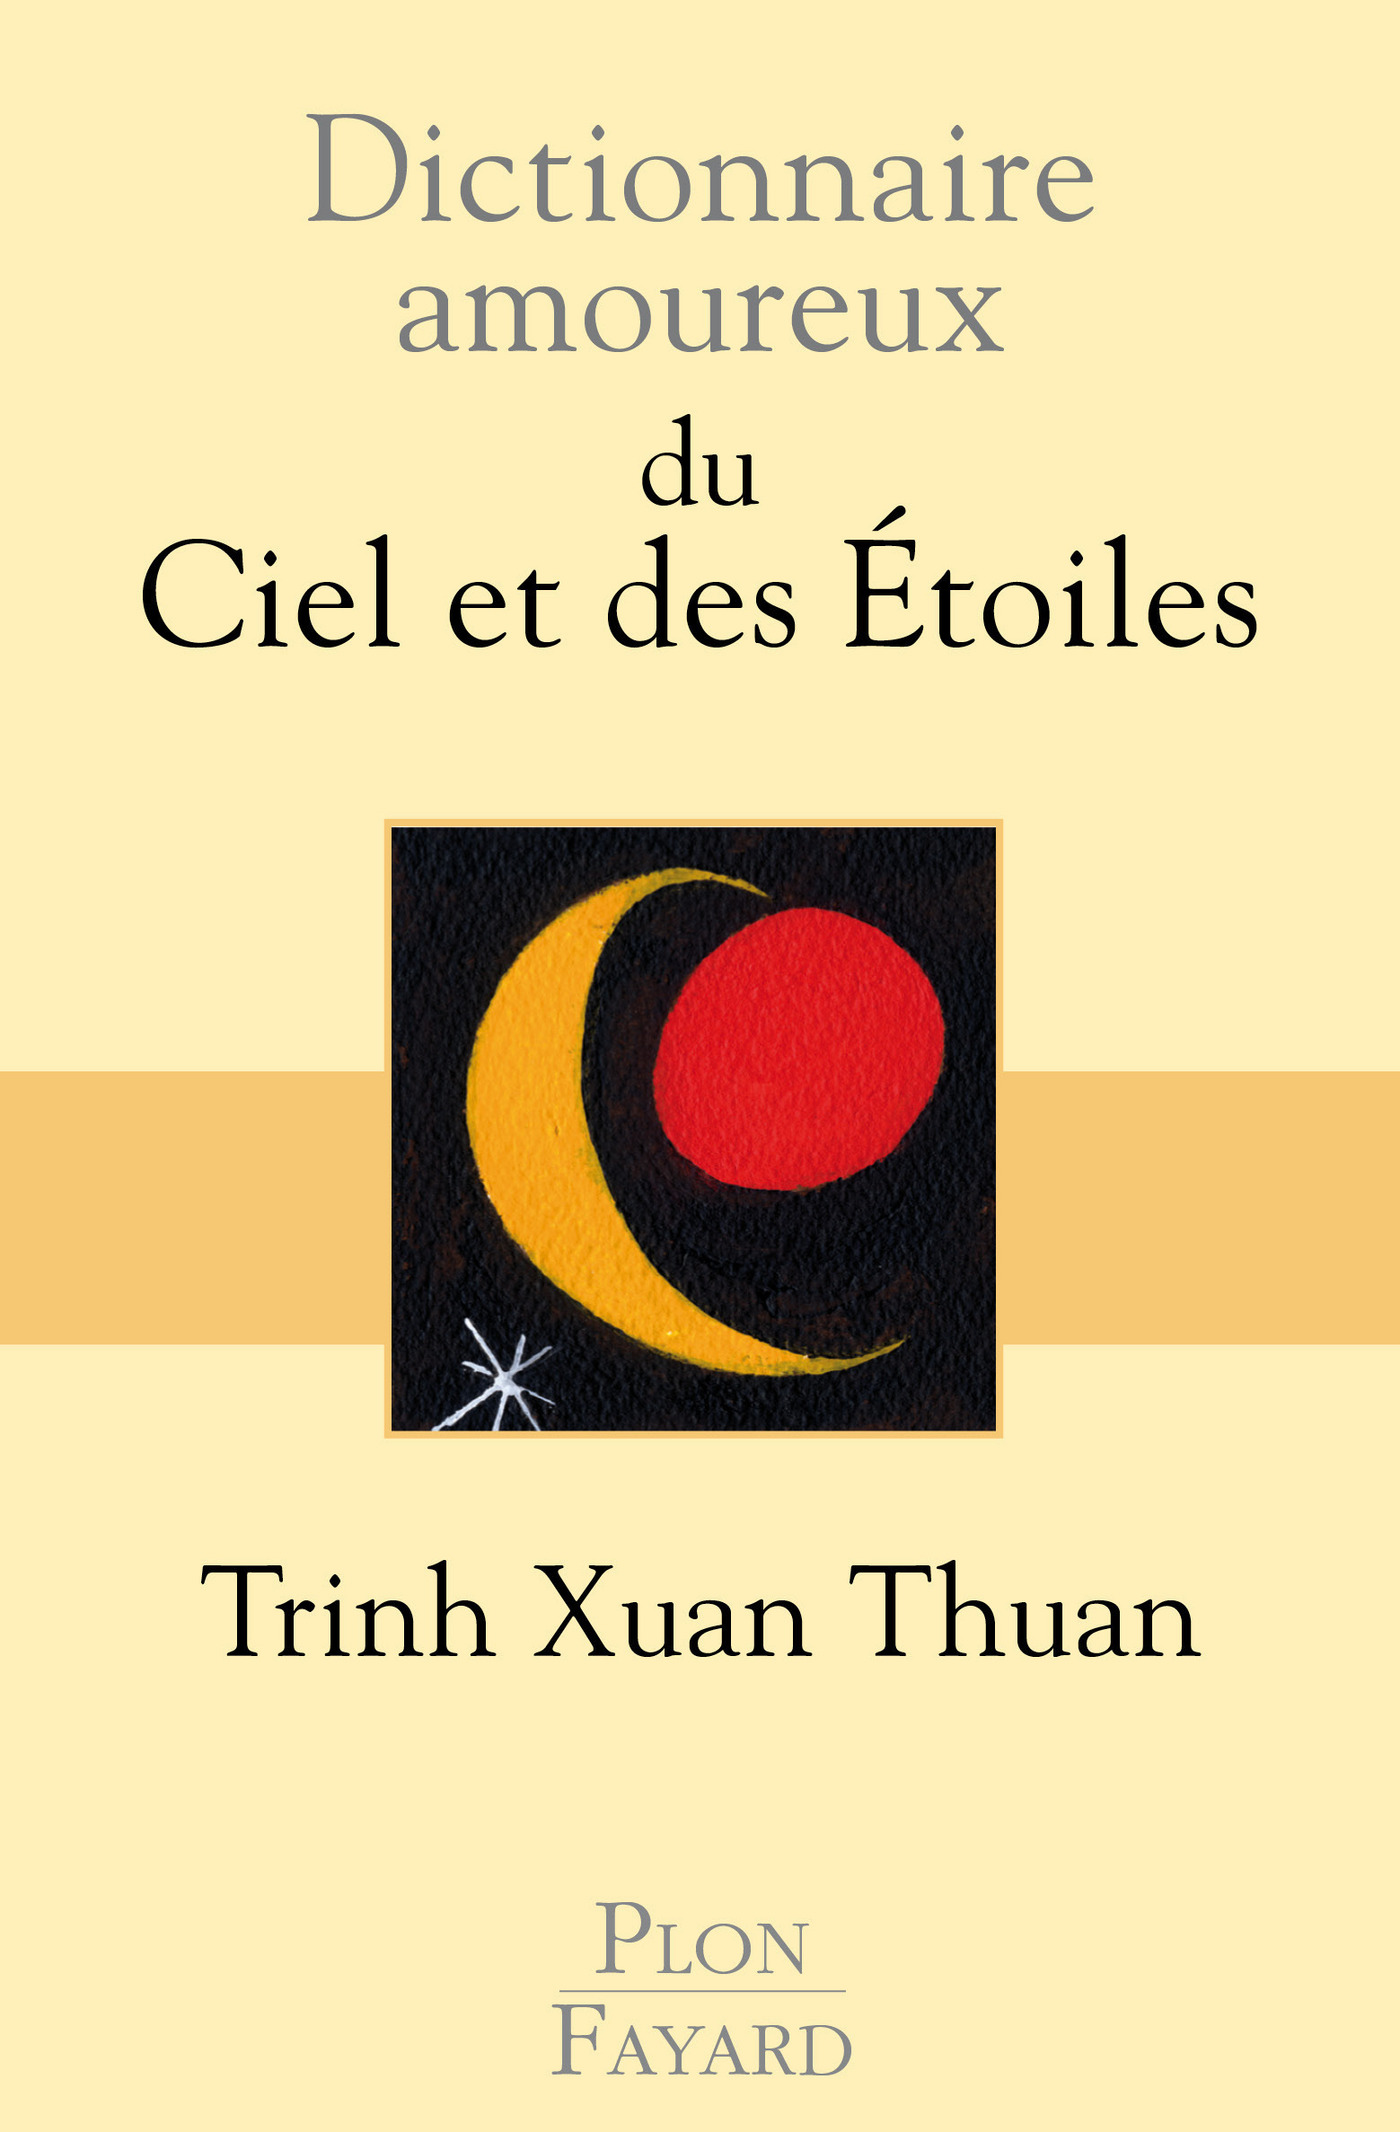 Dictionnaire amoureux du Ciel et des Etoiles